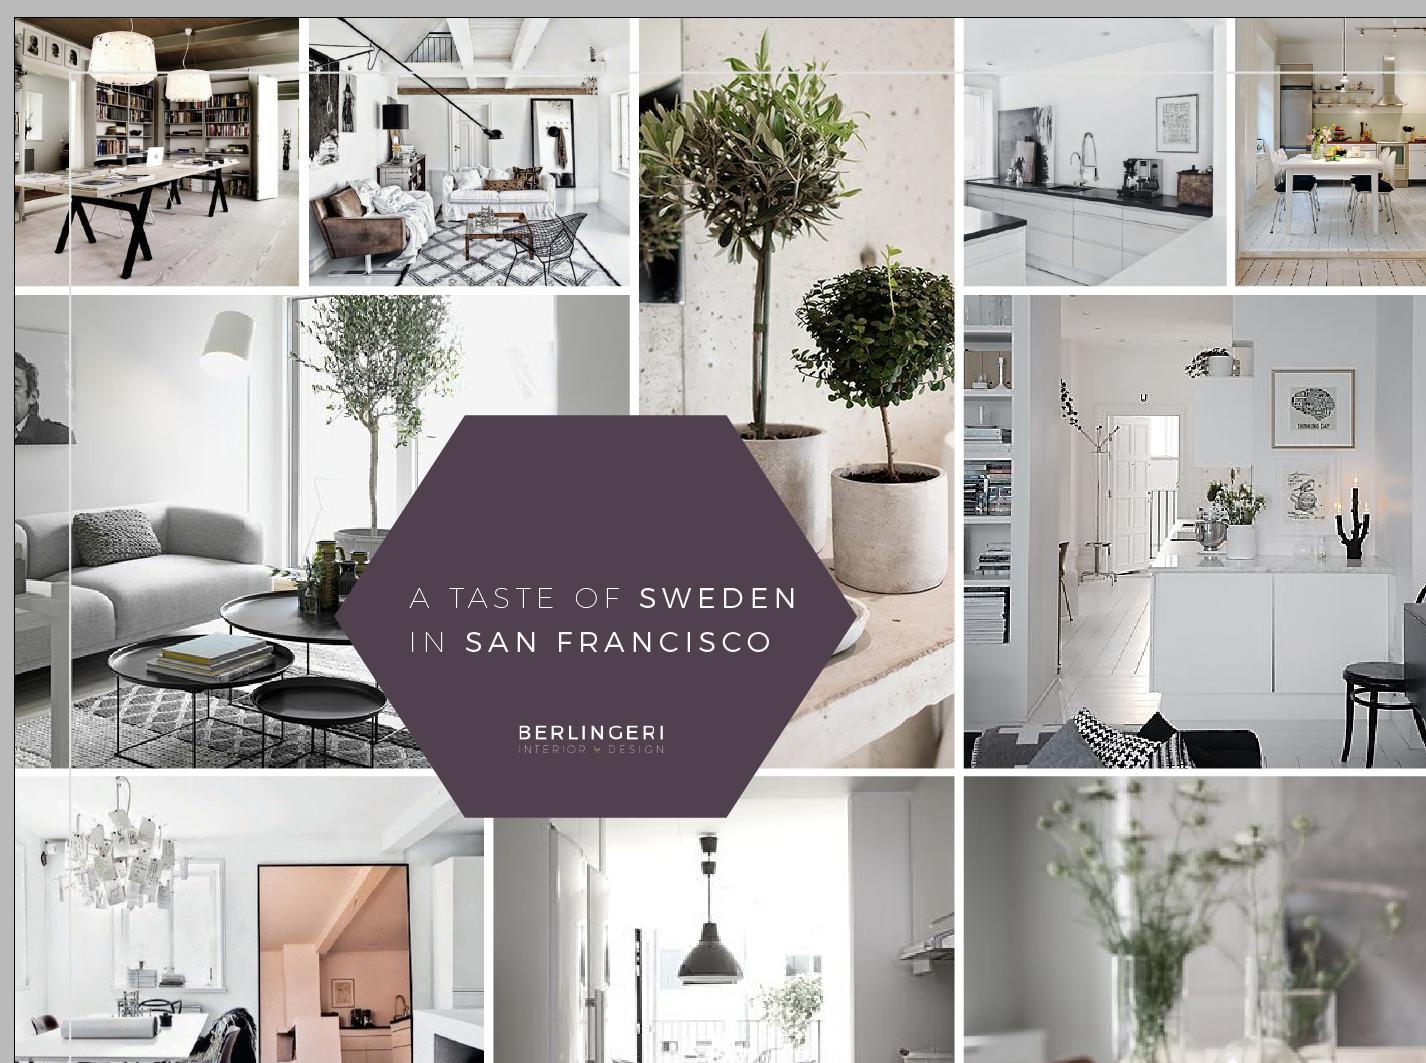 Interior Design Concept Board Idea Interior Design Presentation Interior Design Furniture Interior Design Concepts